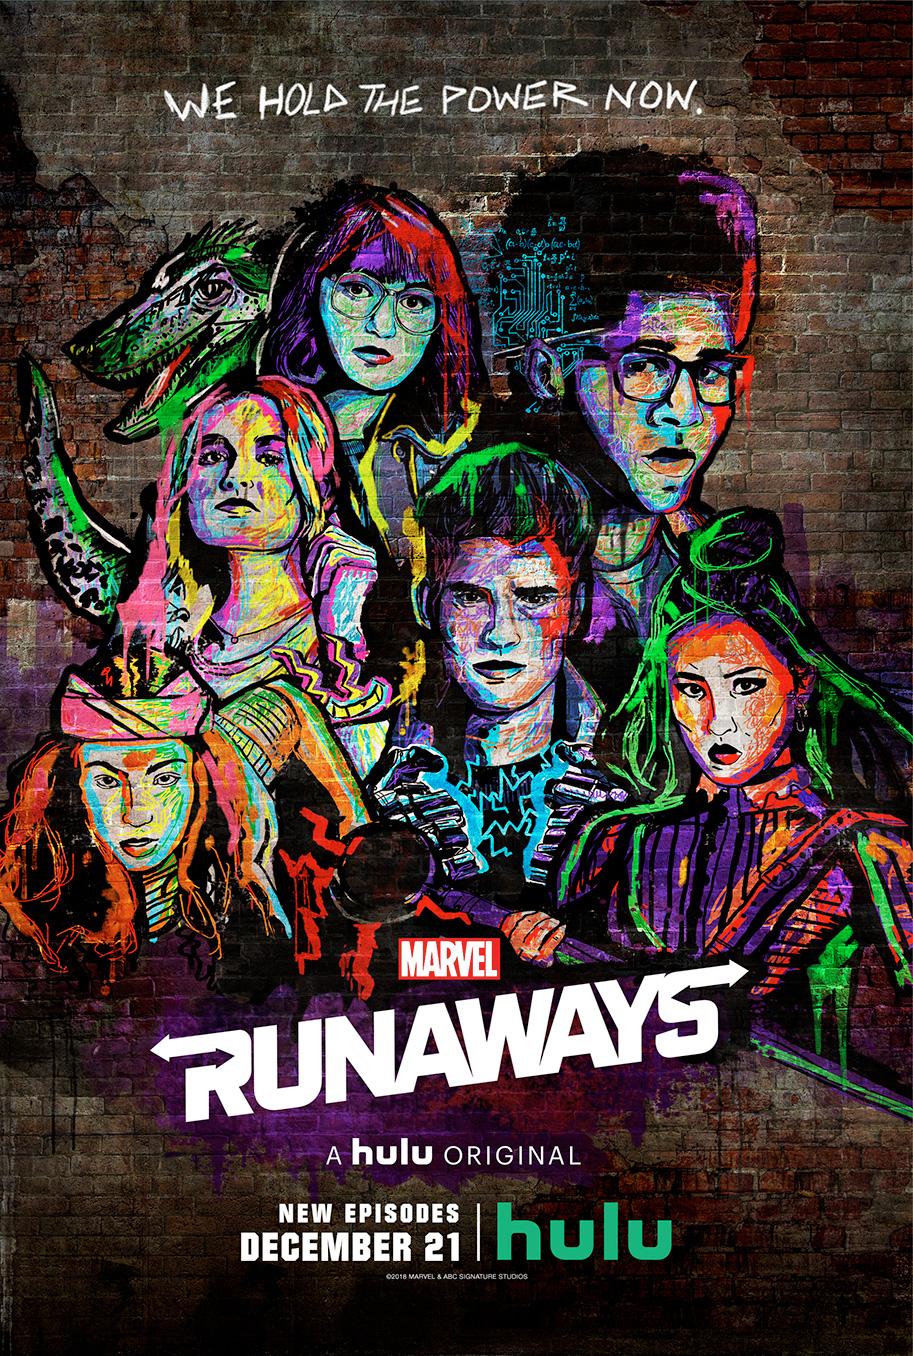 Marvel's Runaway's